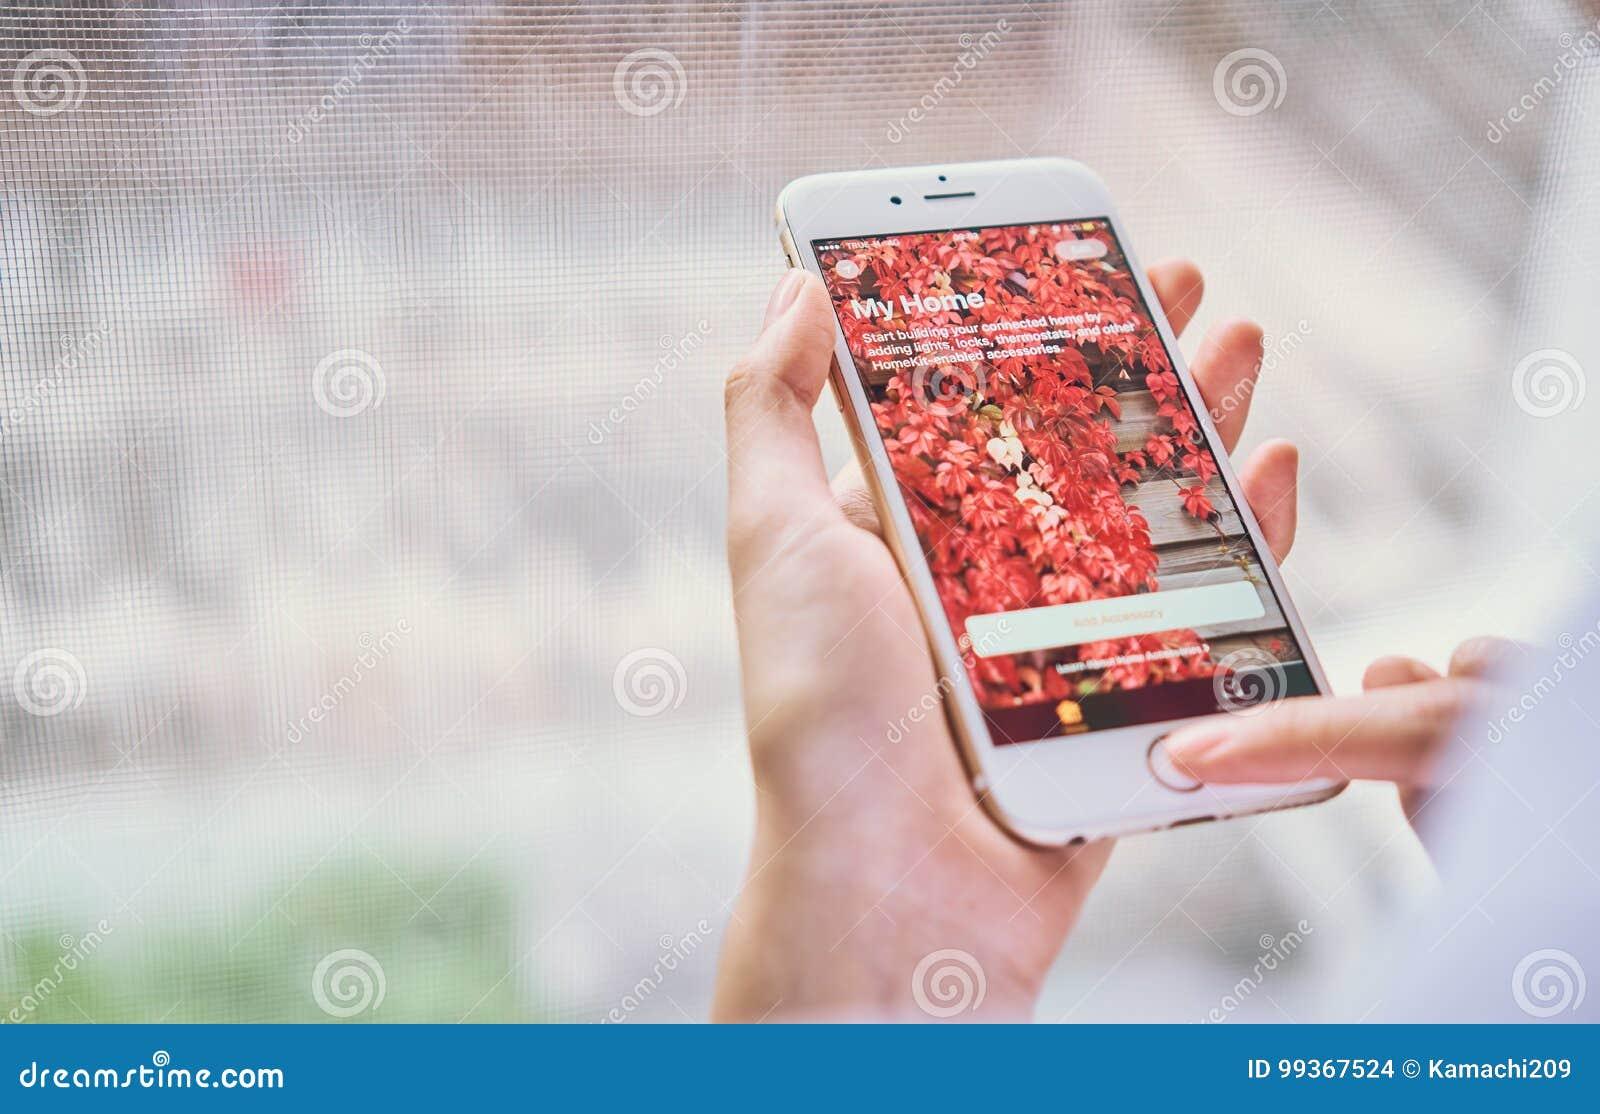 Бангкок, Таиланд - 6-ое сентября 2017: рука отжимает мой дом app для Iphone на ios 10 Новый дом app позволяет вам повернуть дальш